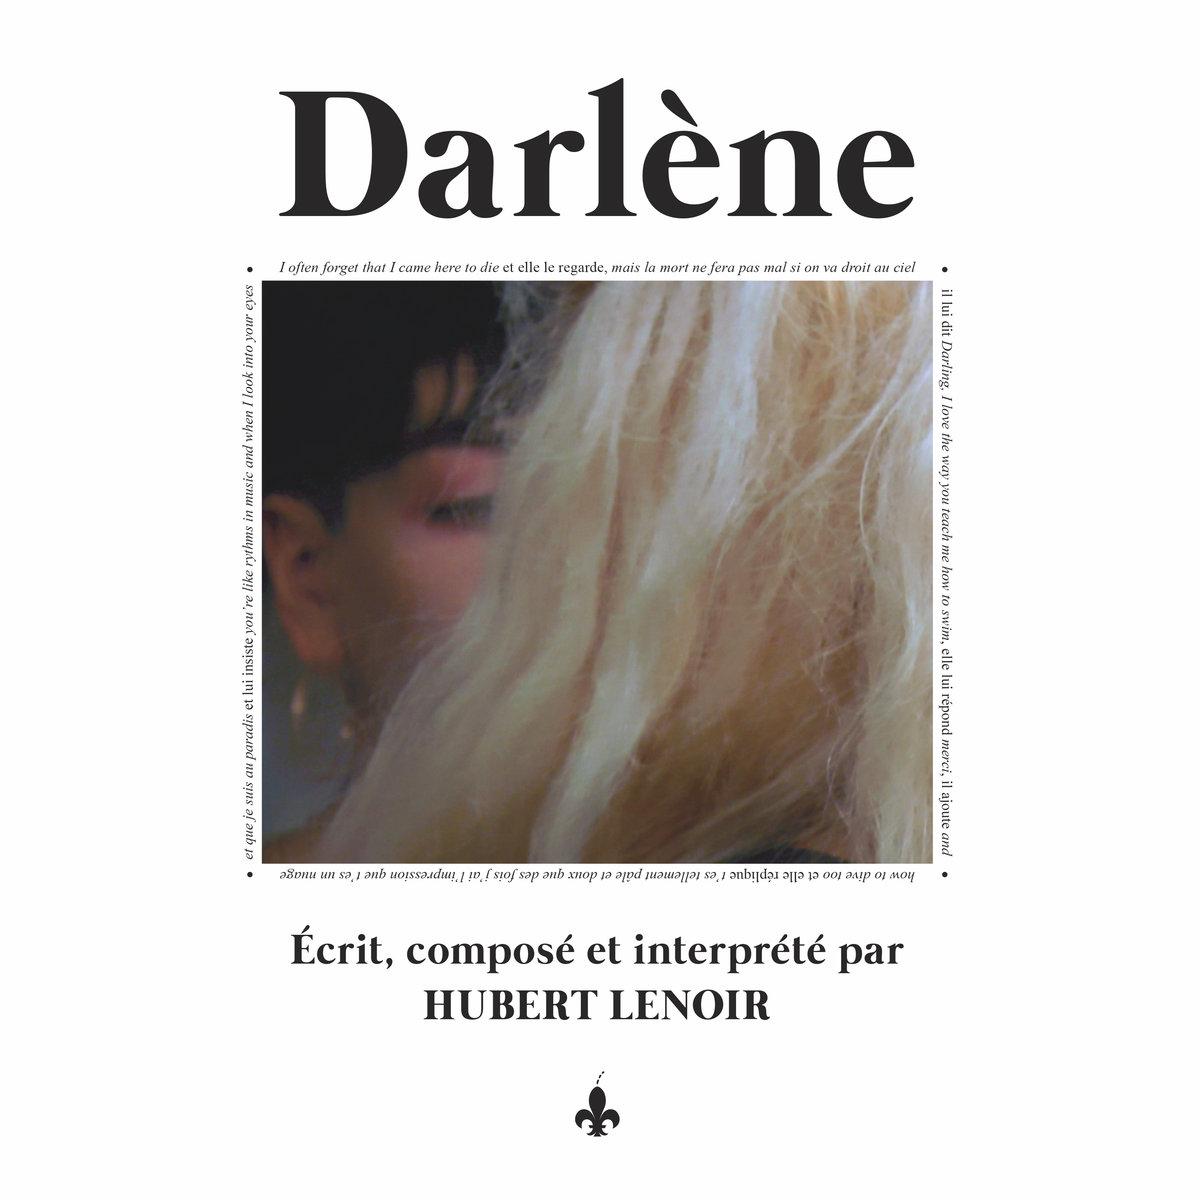 02. Darlène d'Hubert Lenoir